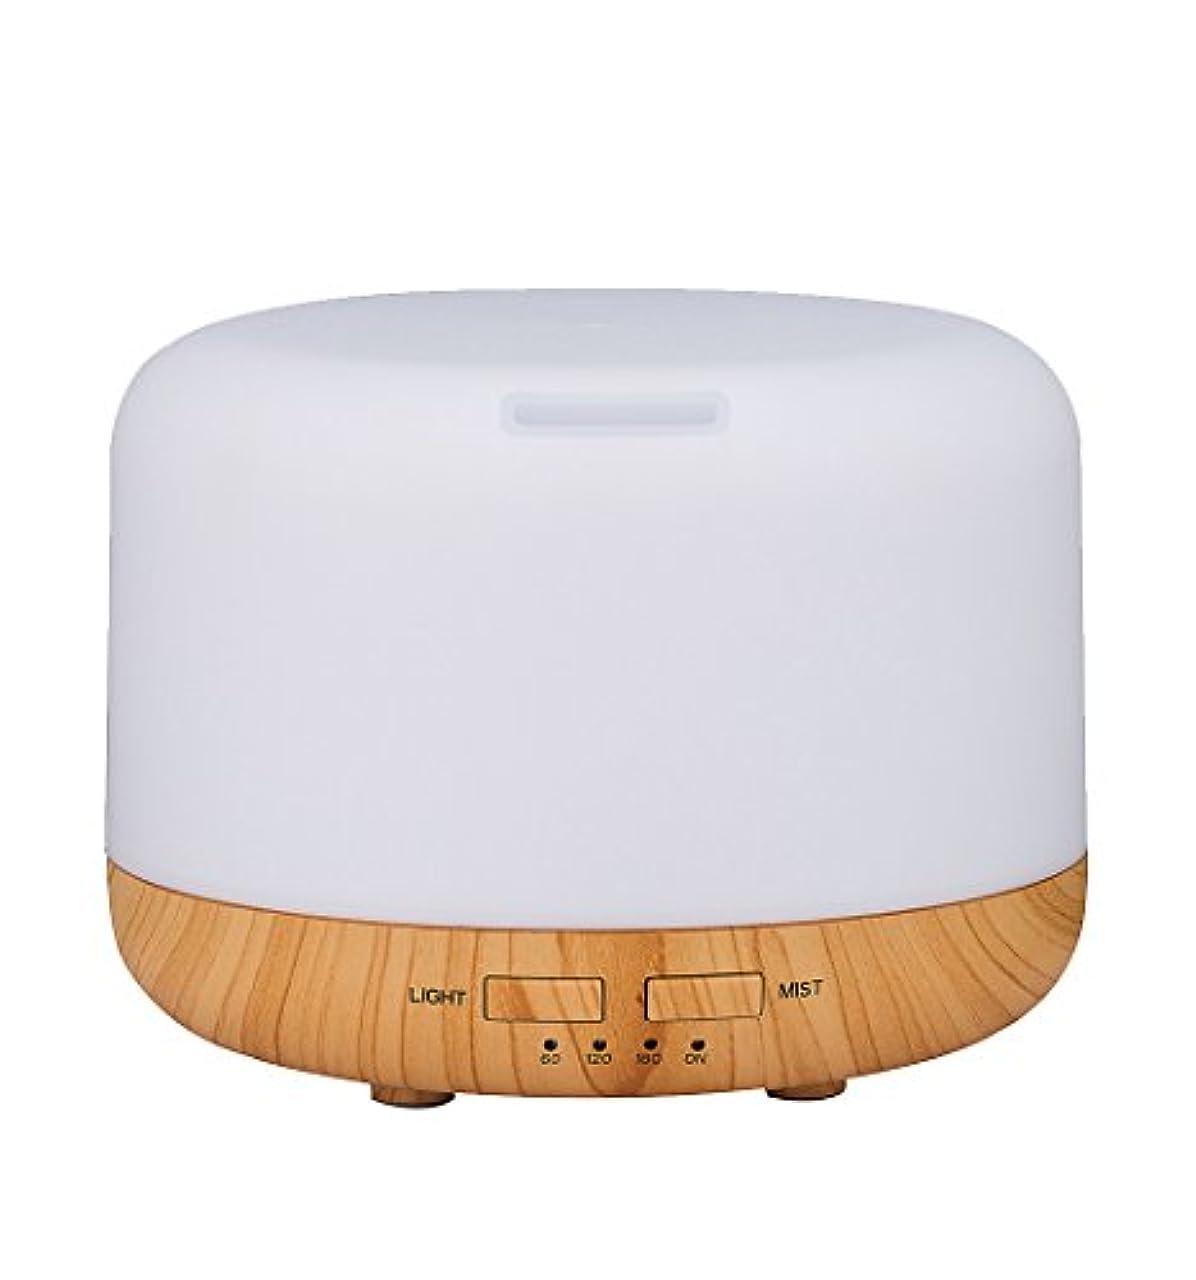 十年非効率的な依存するSimple Life アロマディフューザー 超音波式 加湿器 400ml 7色変換LED搭載 木目調 アロマライト (ホワイト)